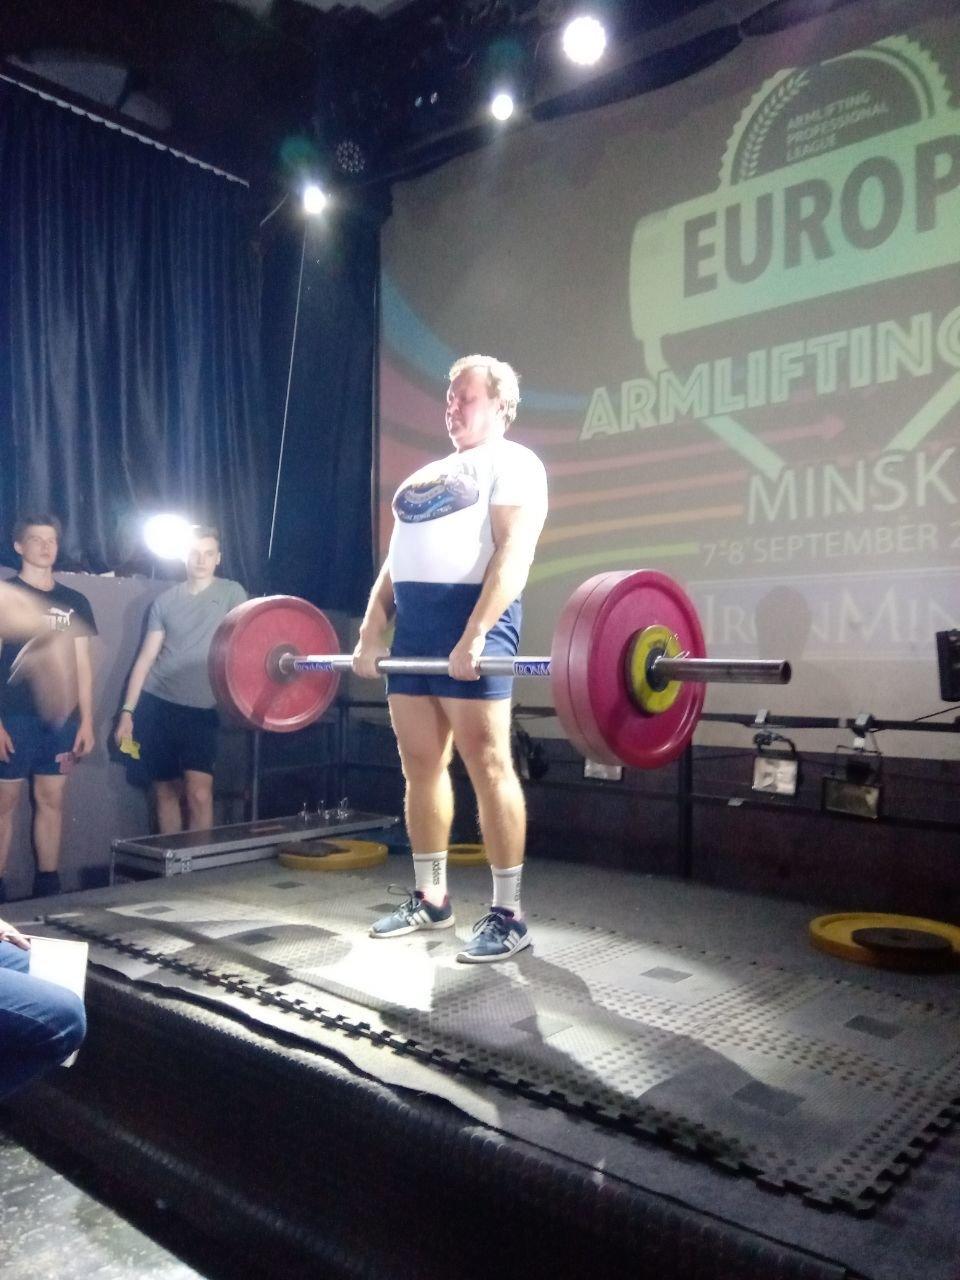 Установила три мировых рекорда: каменчанка стала четырехкратной чемпионкой Кубка Европы поармлифтингу, фото-6